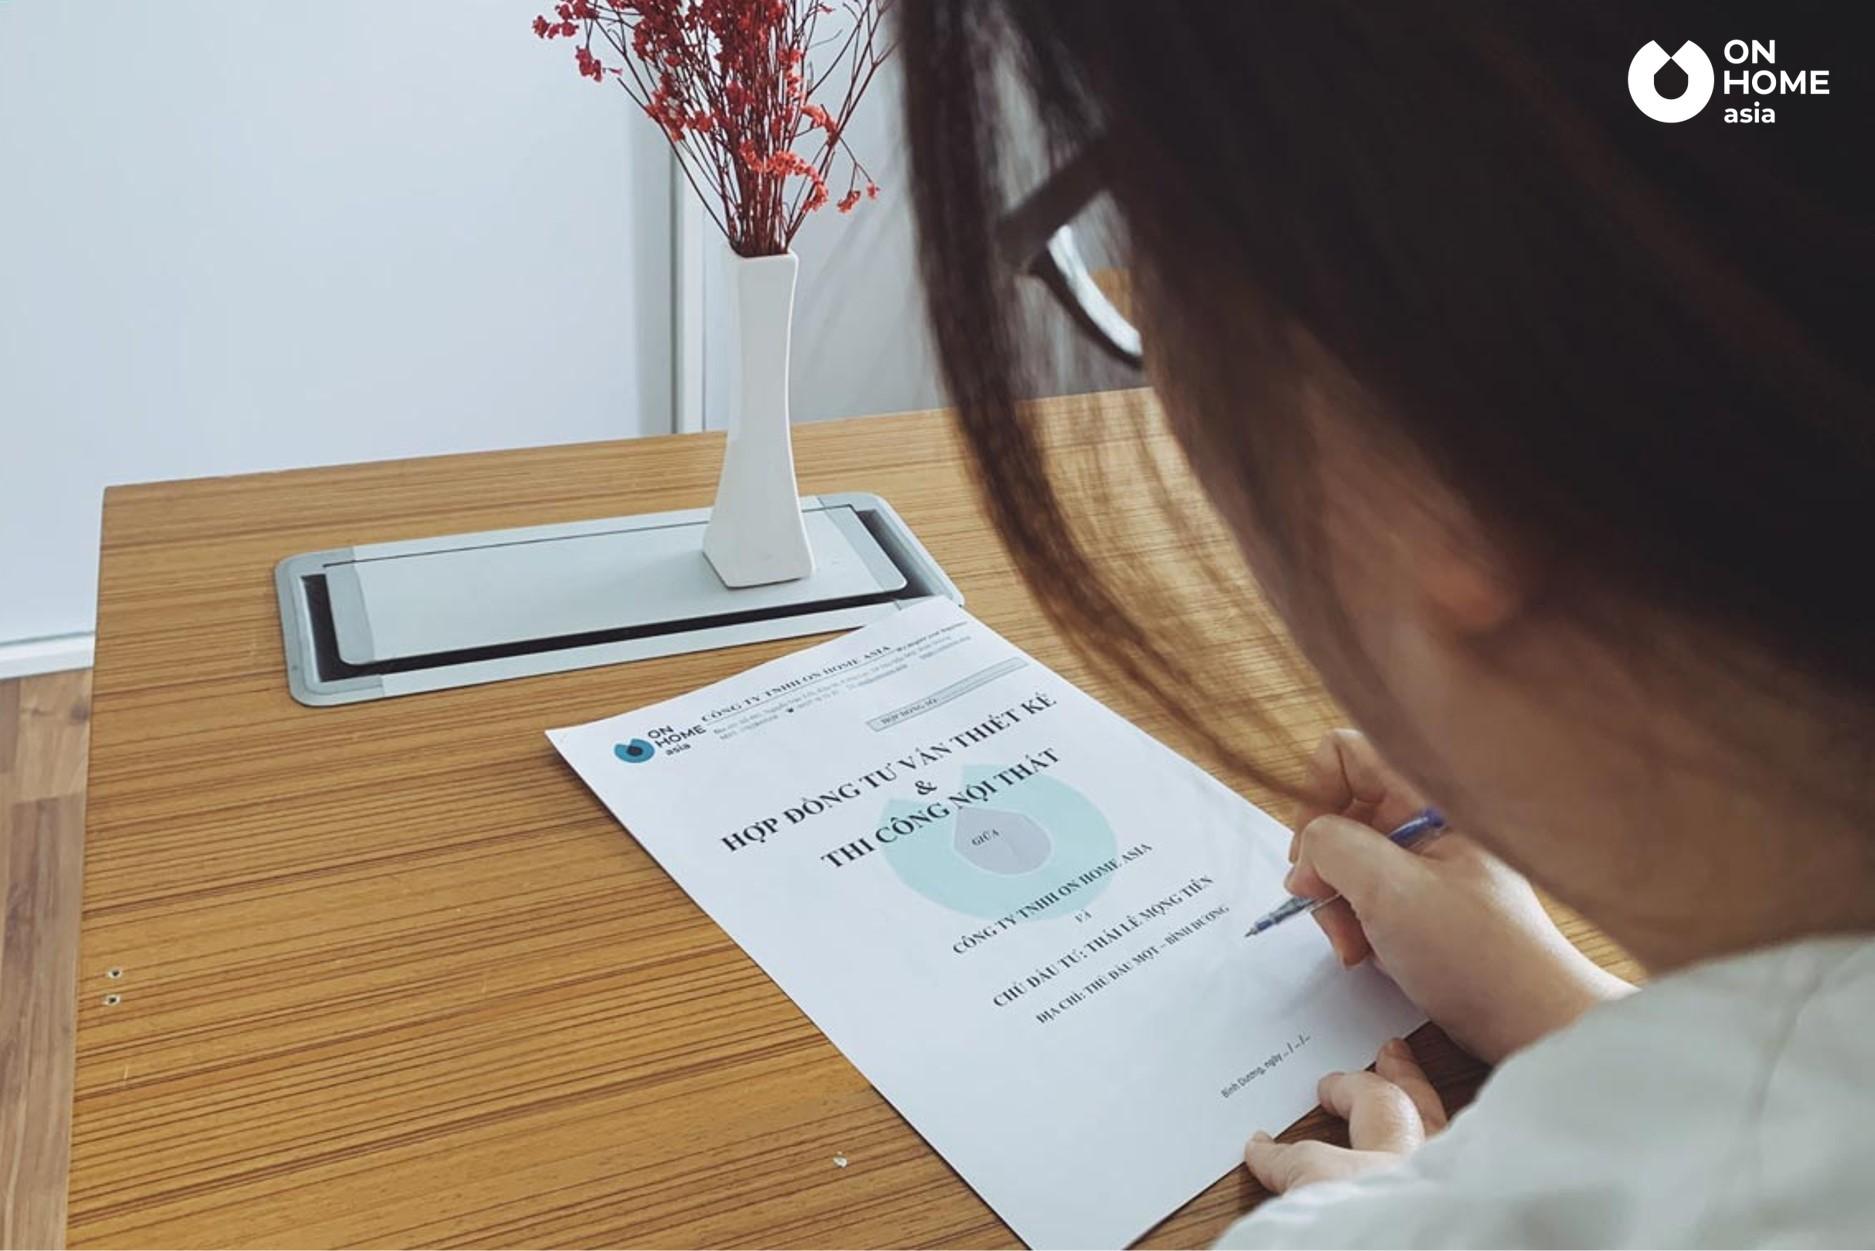 Khách hàng nhận được báo giá sơ bộ và ký hợp đồng thiết kế nội thất